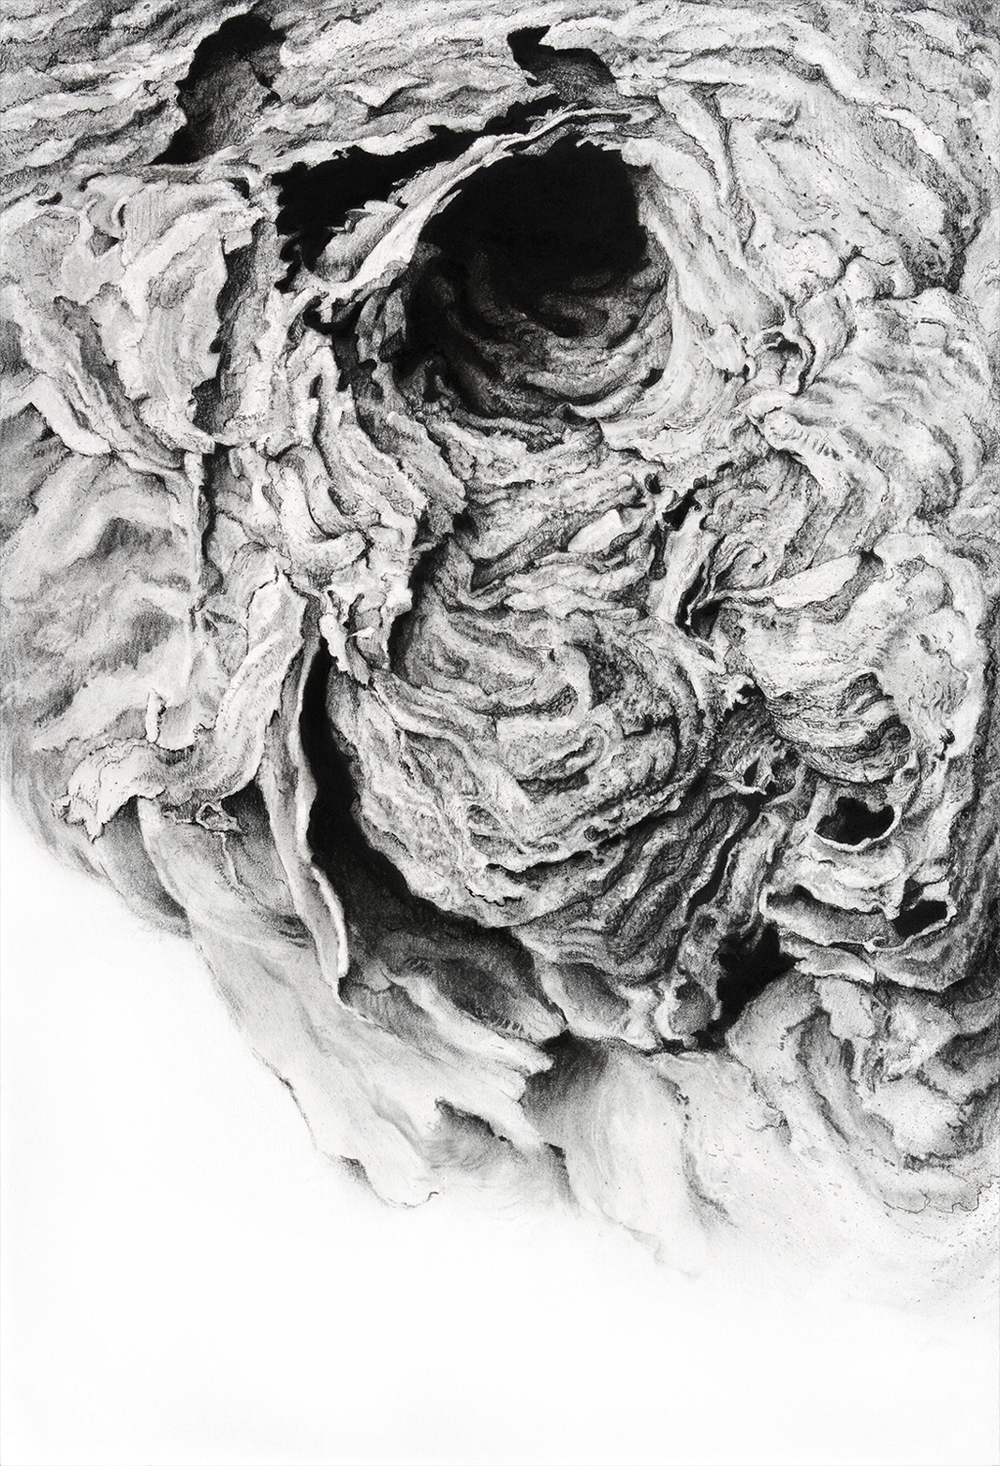 """Portal II, 2013    18 3/4"""" x 22 3/4"""", charcoal on paper"""